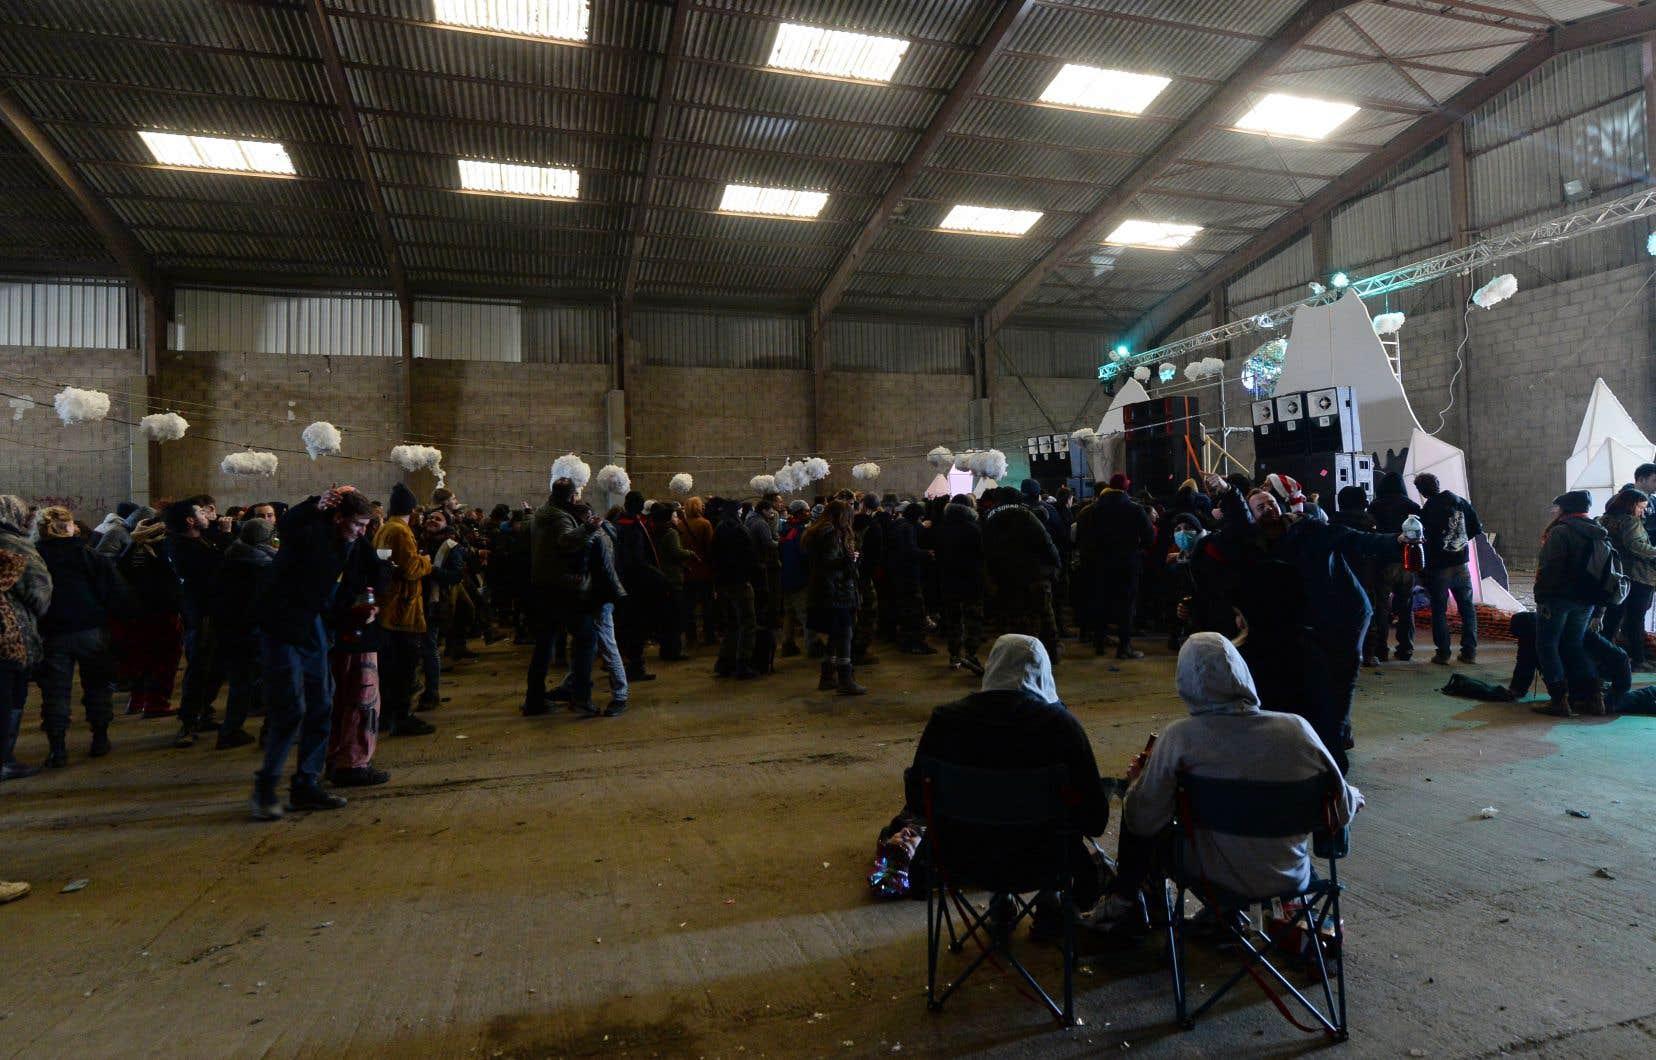 Des fêtards venus de plusieurs pays d'Europe se sont rassemblés dansces hangars de la localité de Lieuron, au sud de la ville de Rennes.